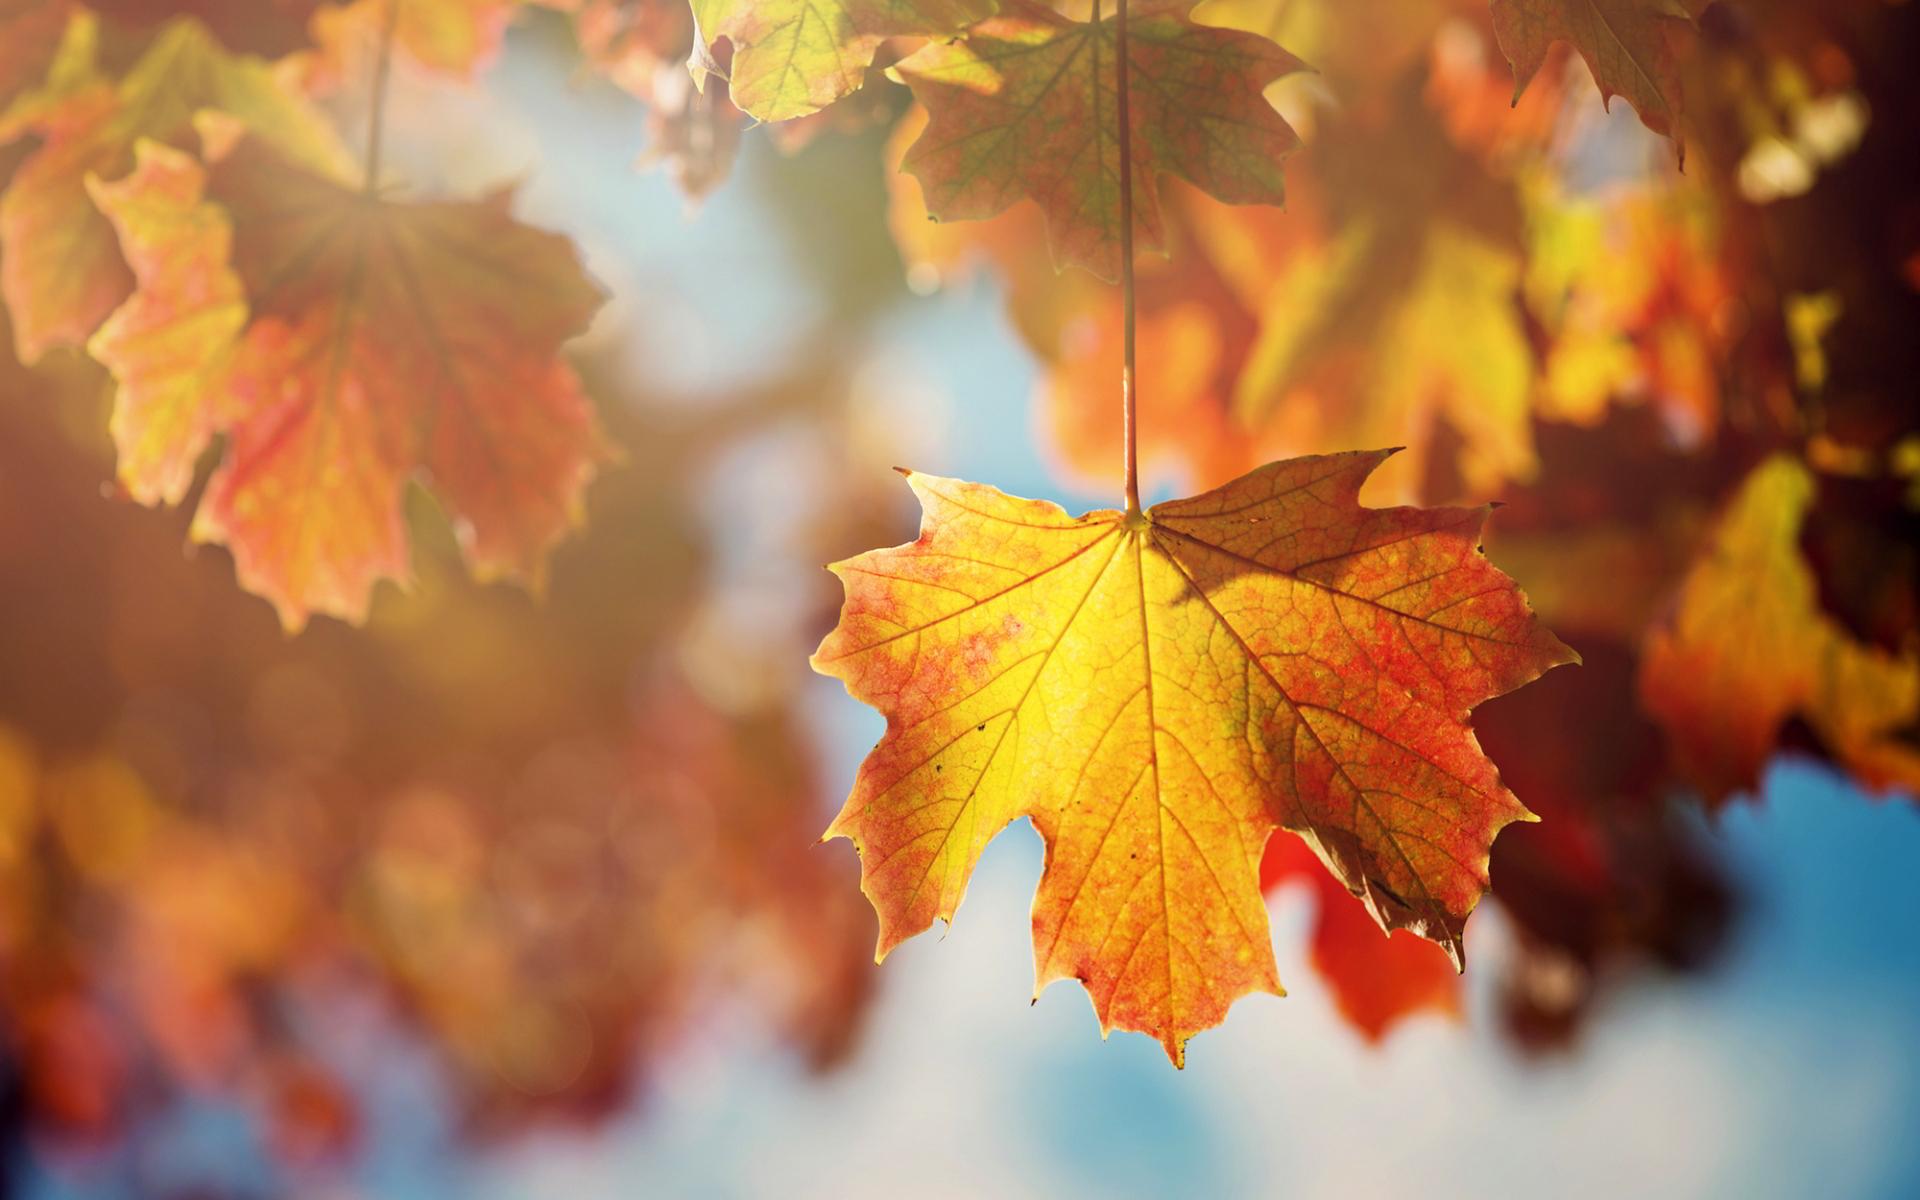 maple leaf autumn picture